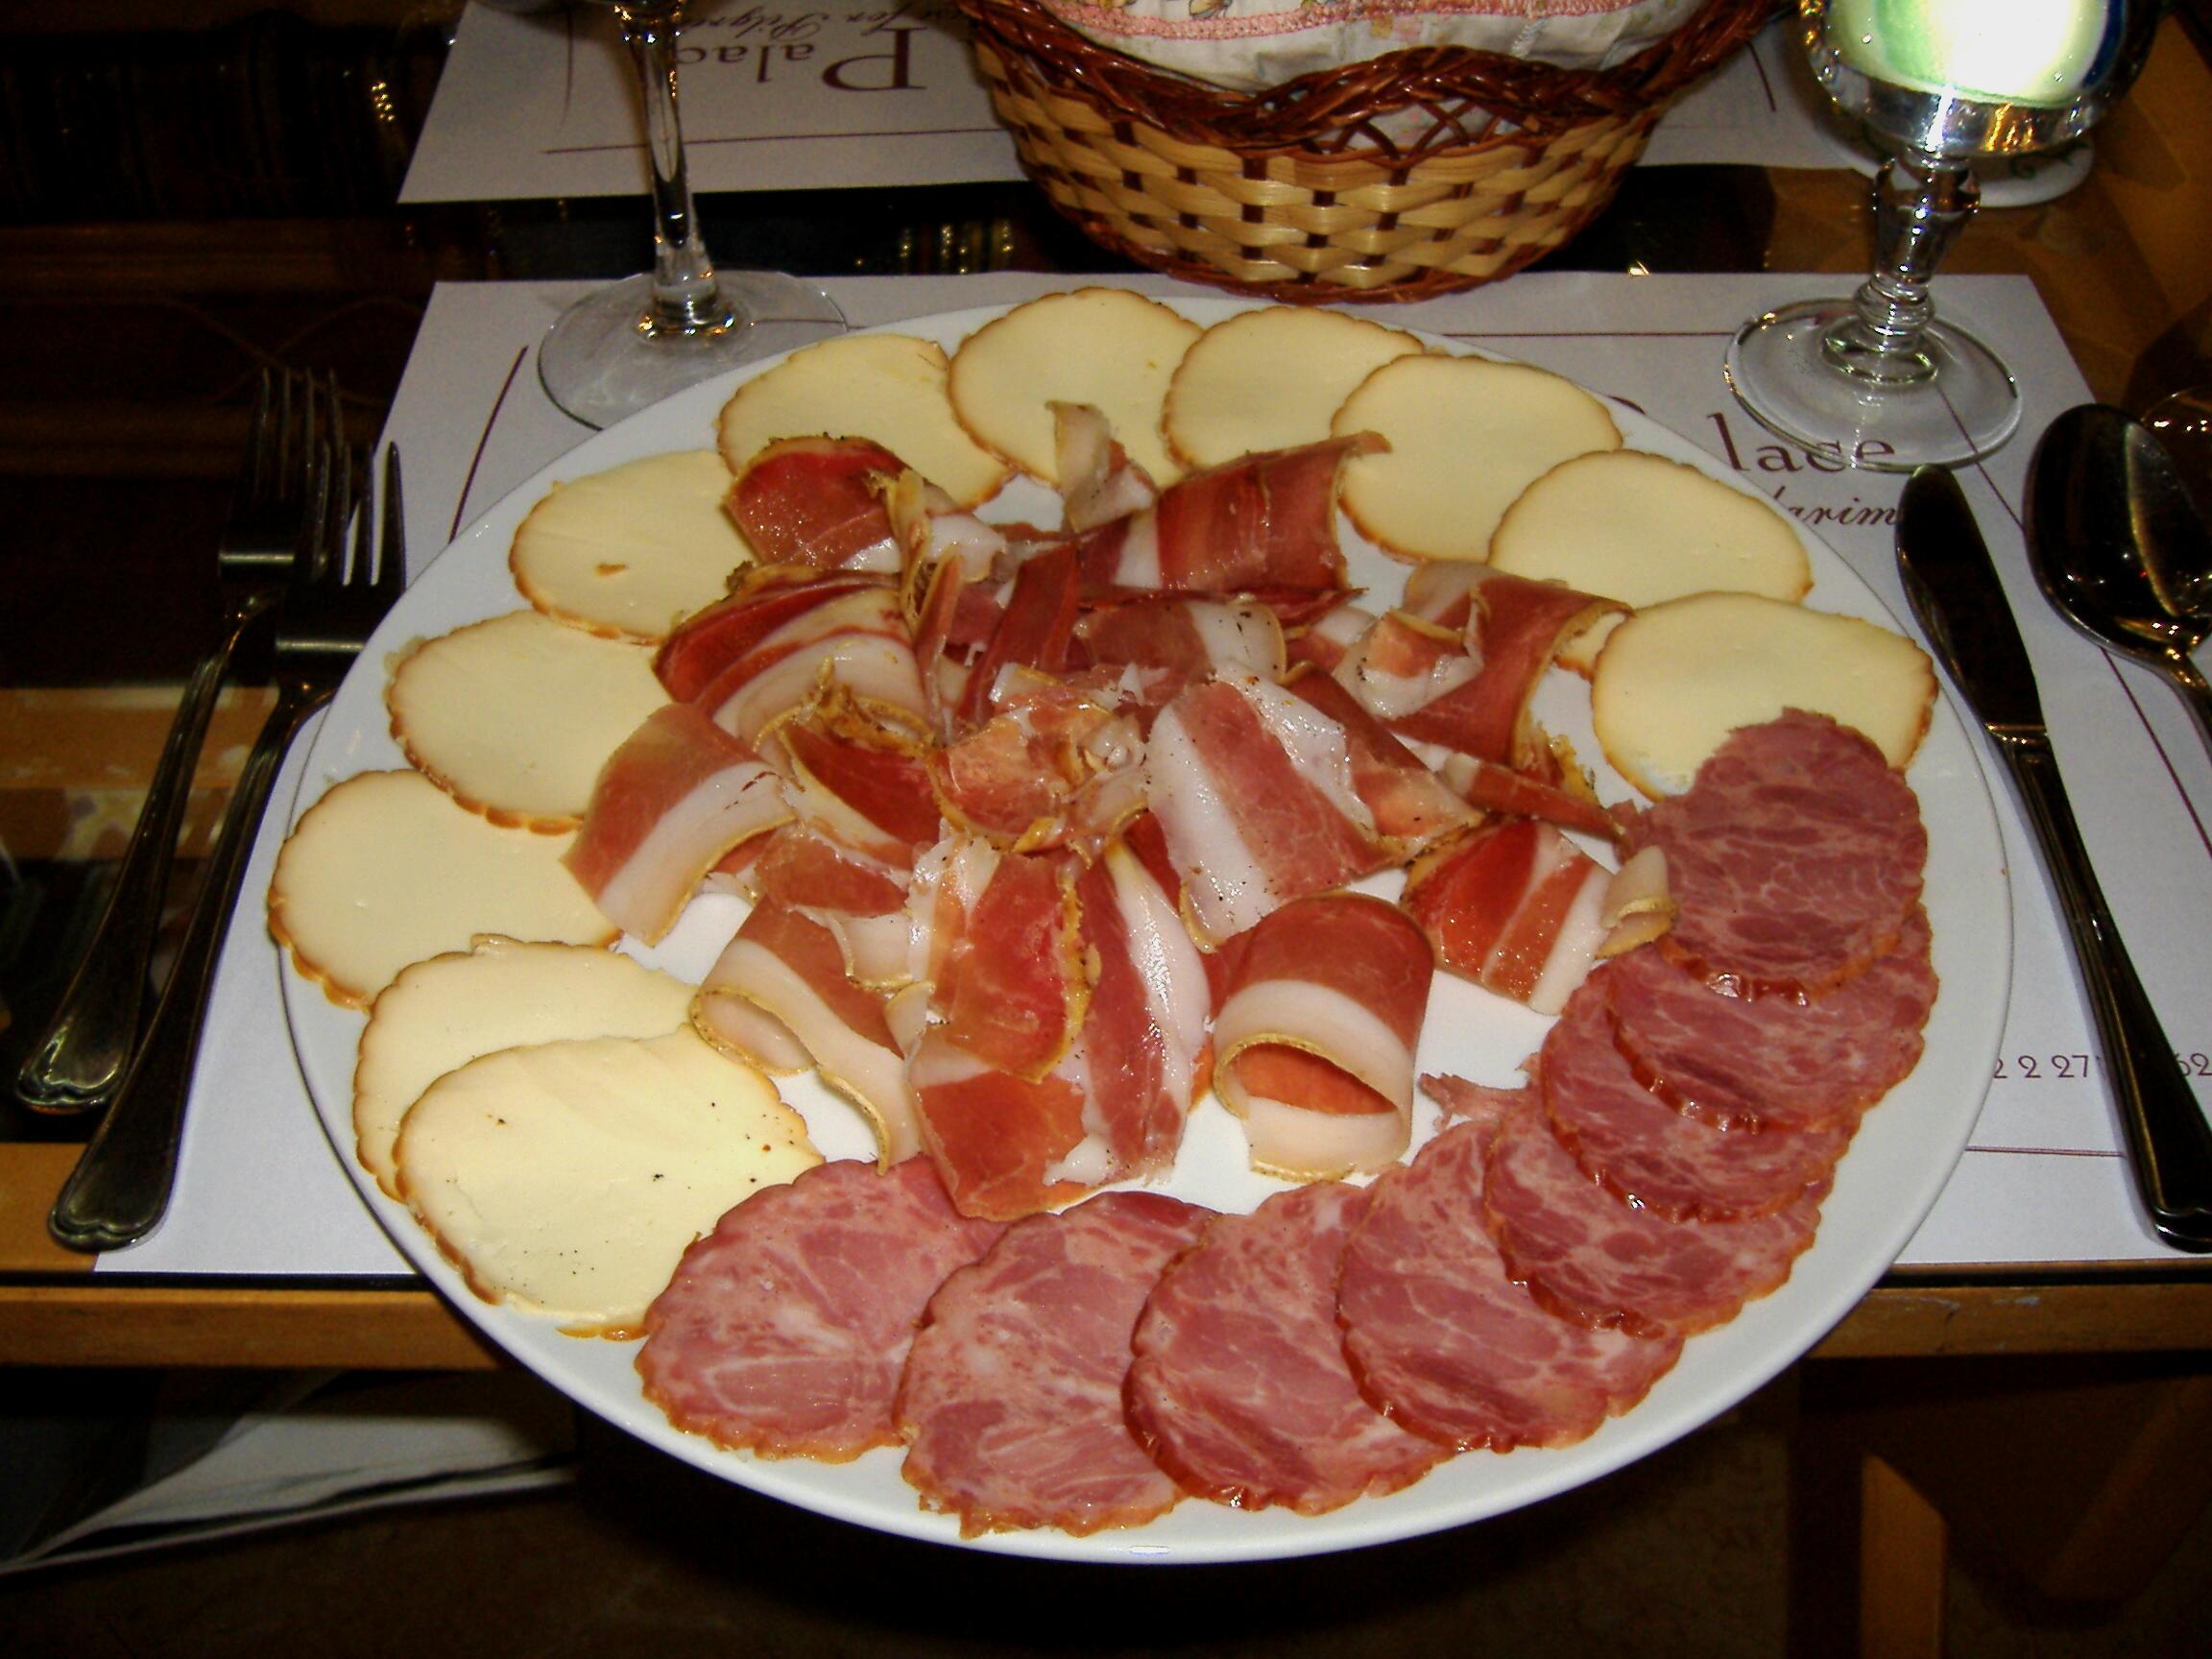 Natale S Italian Restaurant Lebanon Nj